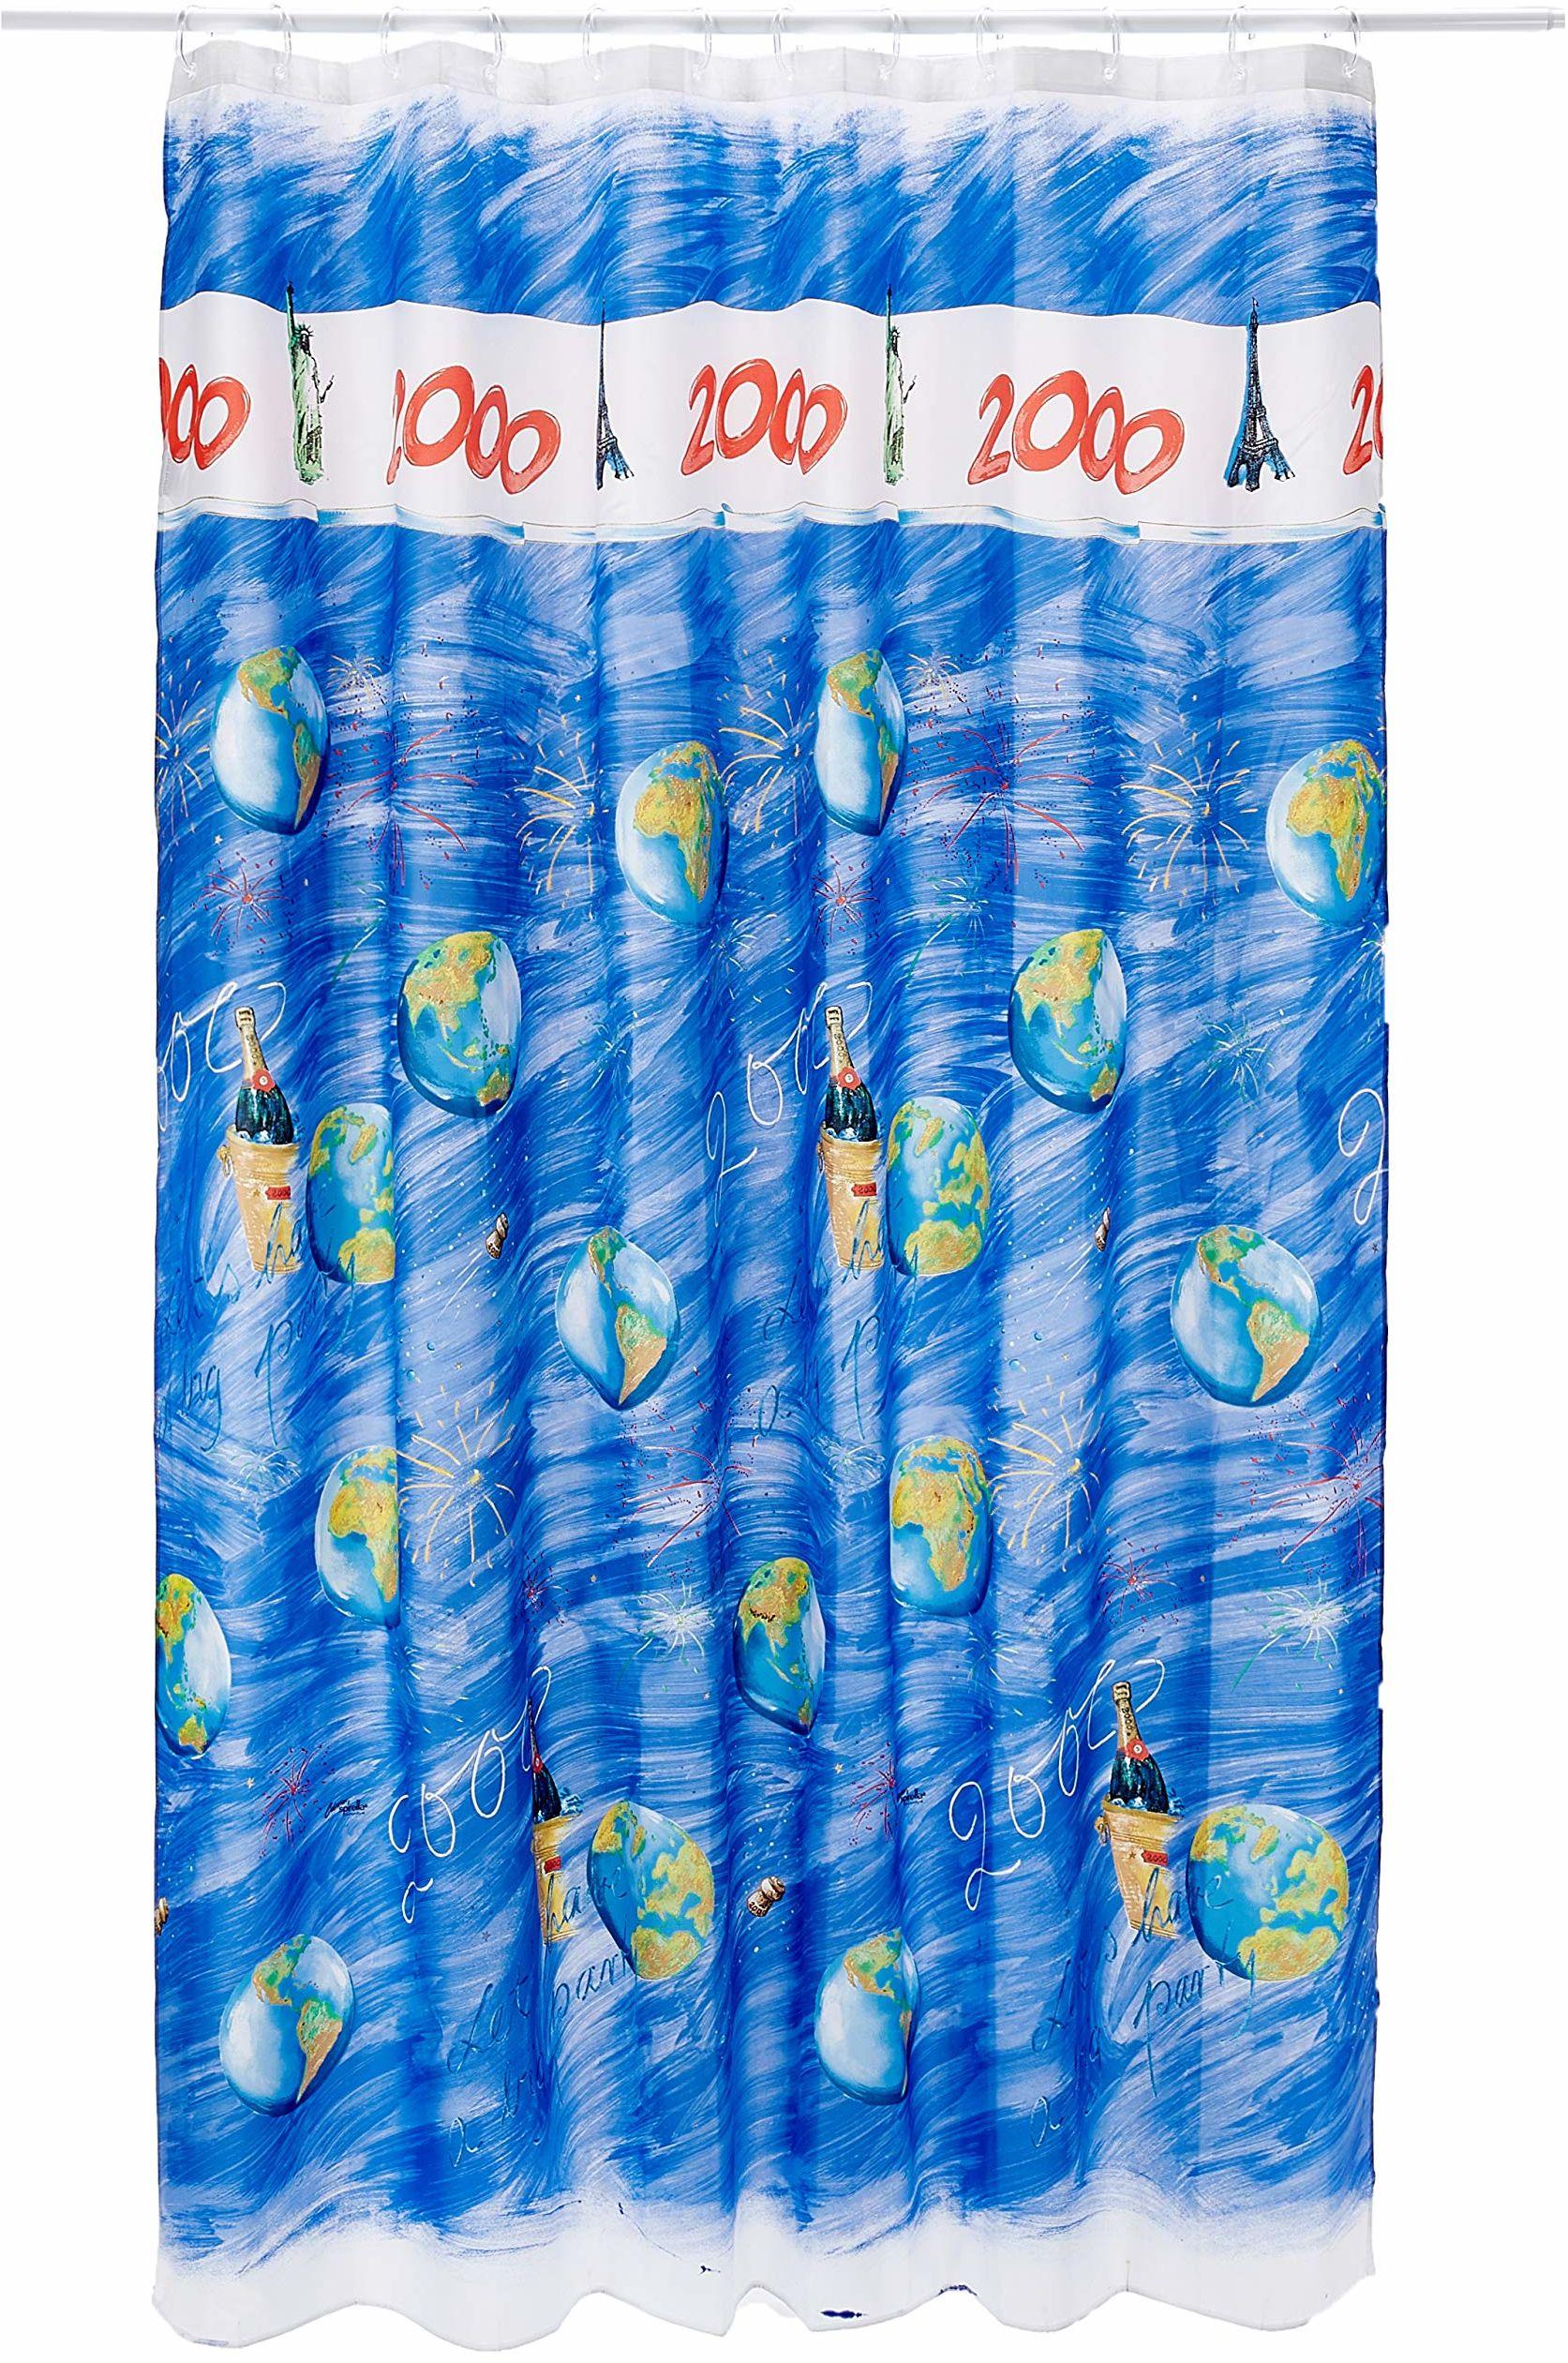 Spirella Zasłona tekstylna 2000 wielokolorowa 180 x 200 1240434, biała, Estandar